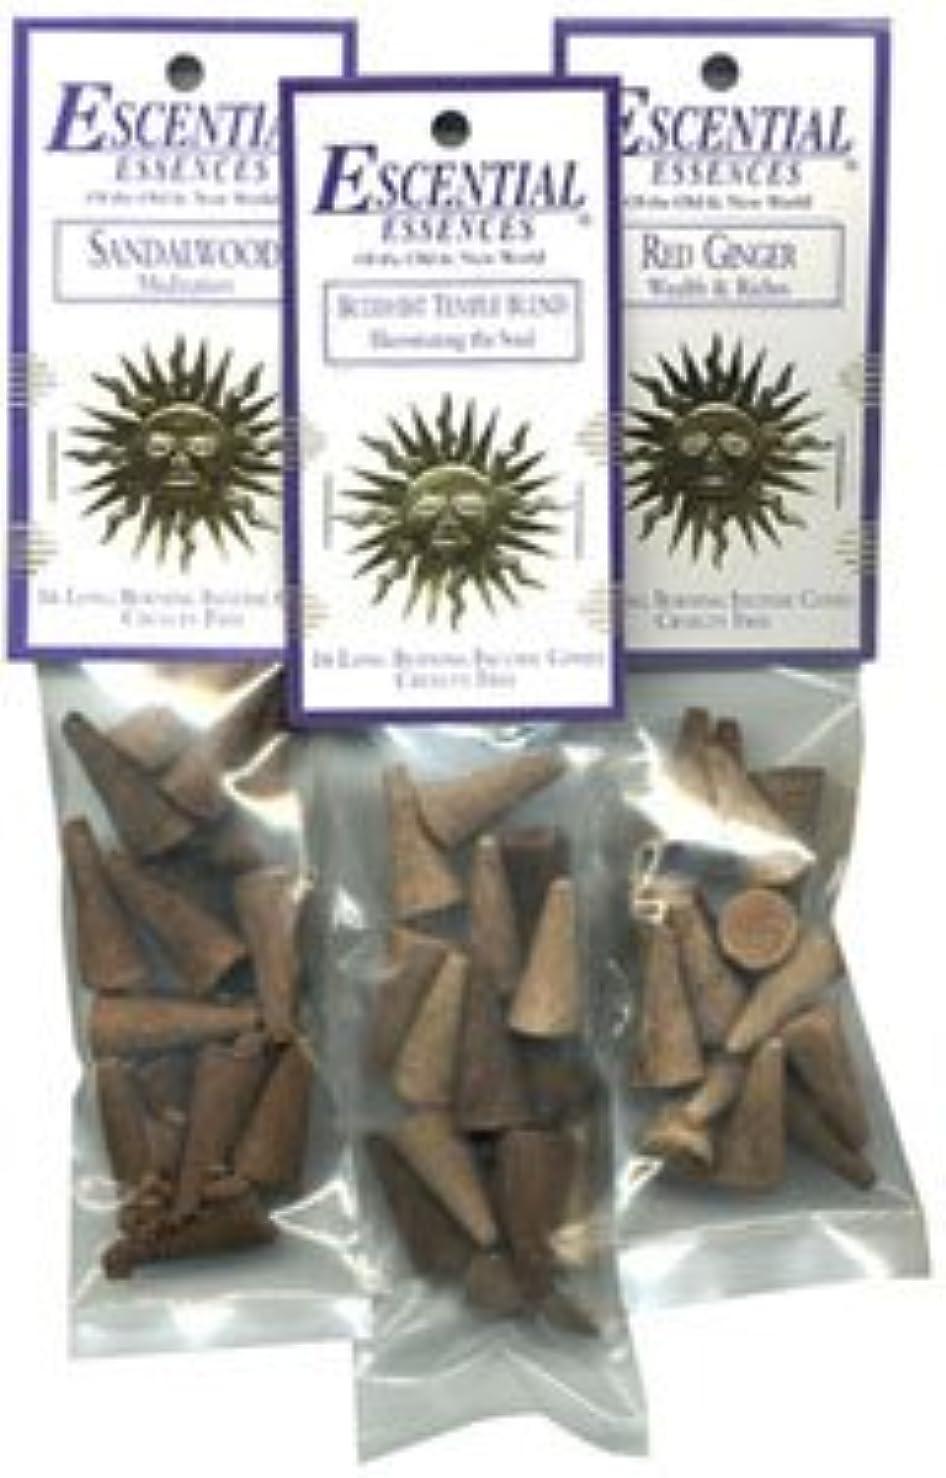 舗装する汗ストライドDragon 's Blood – Escential Essences Cone Incense – 16円錐パッケージ